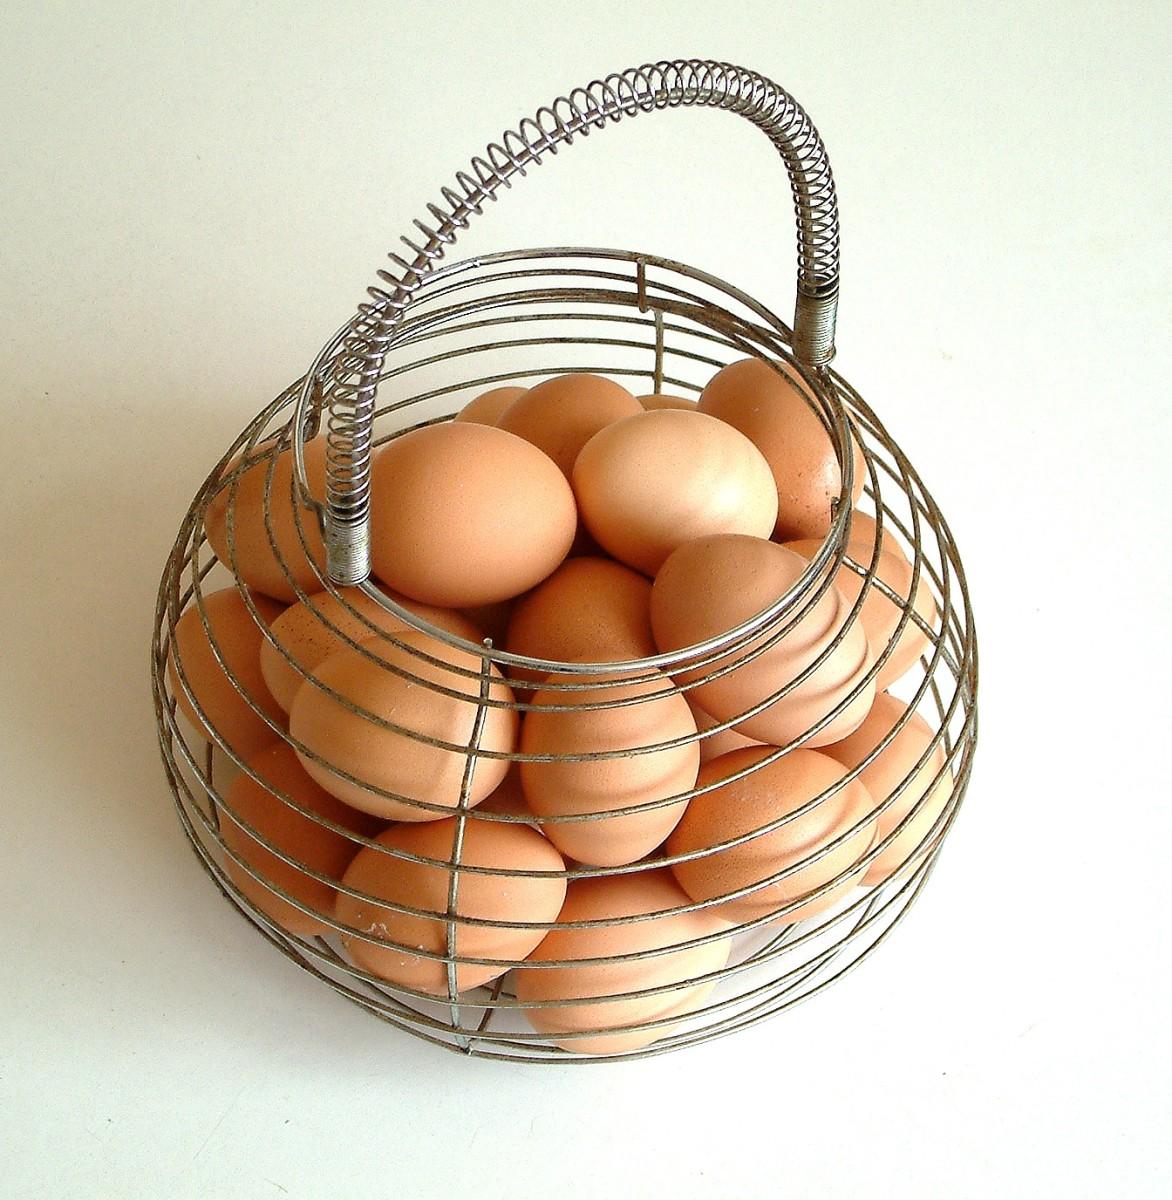 Hydrogen sulfide gas often has a rotten egg odor.